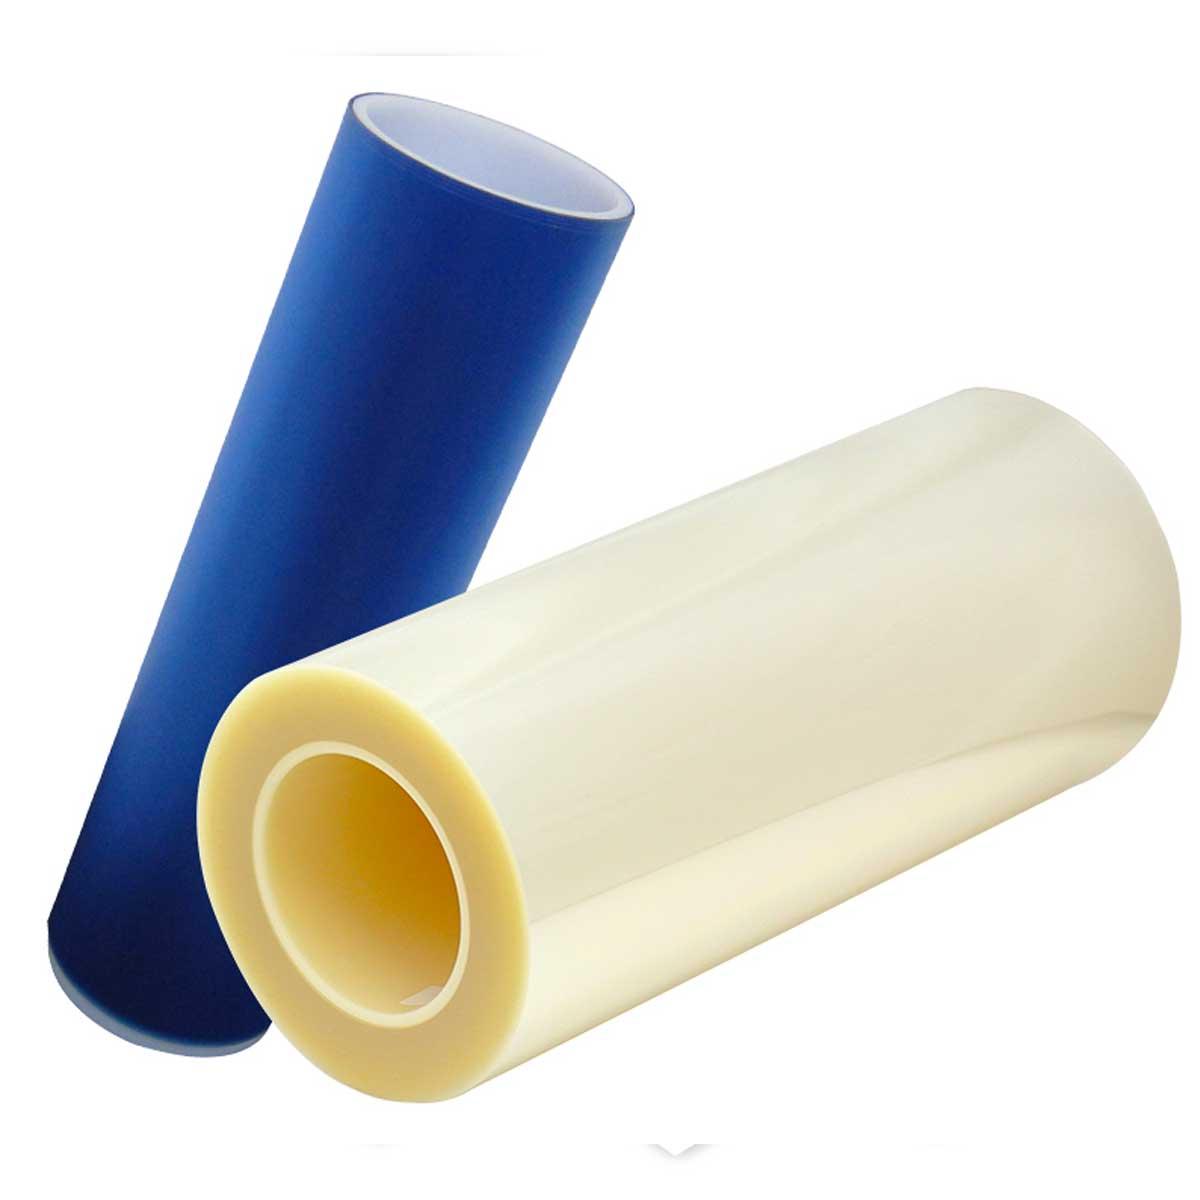 SEC ꜛ адгезионные пленки для резки, шлифовки и скрайбирования полупроводниковых пластин